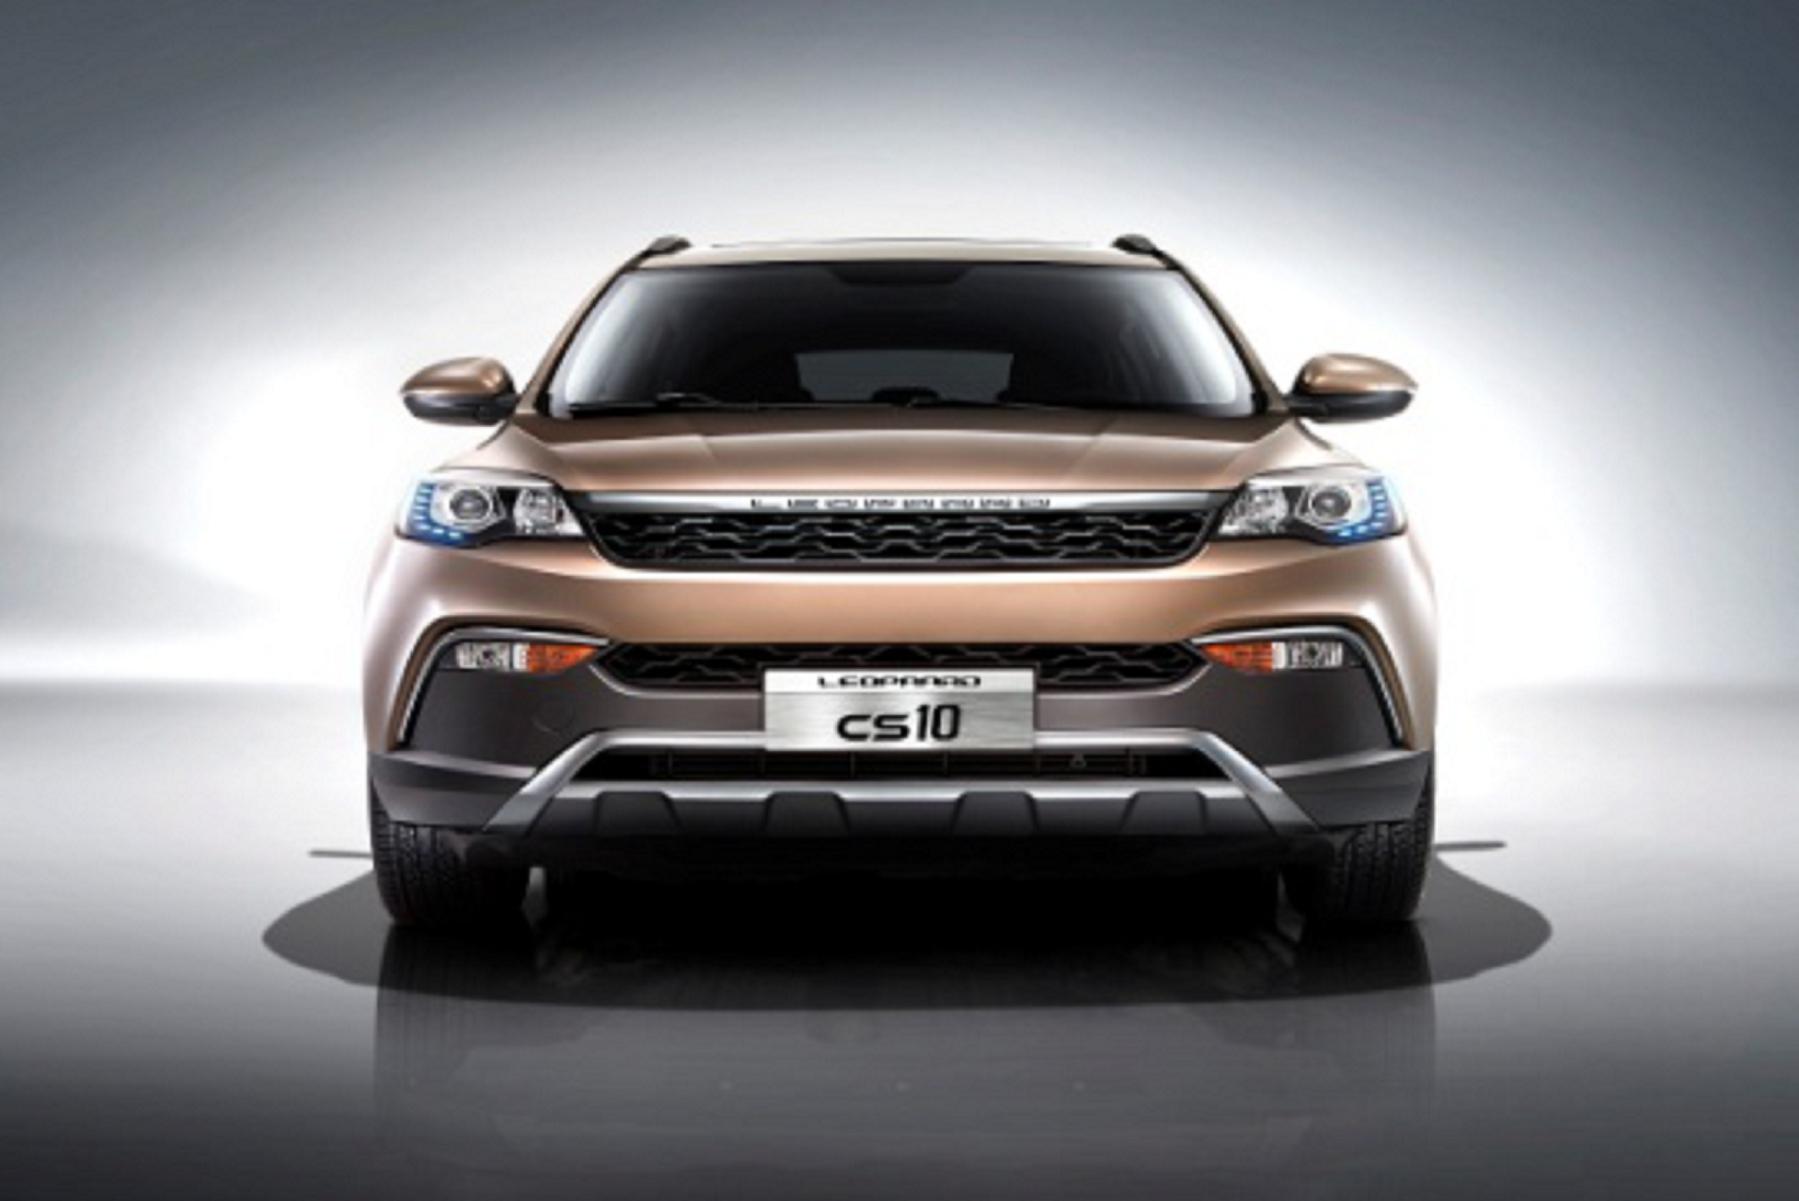 制动踏板出现问题 安徽猎豹汽车有限公司召回部分猎豹CS10